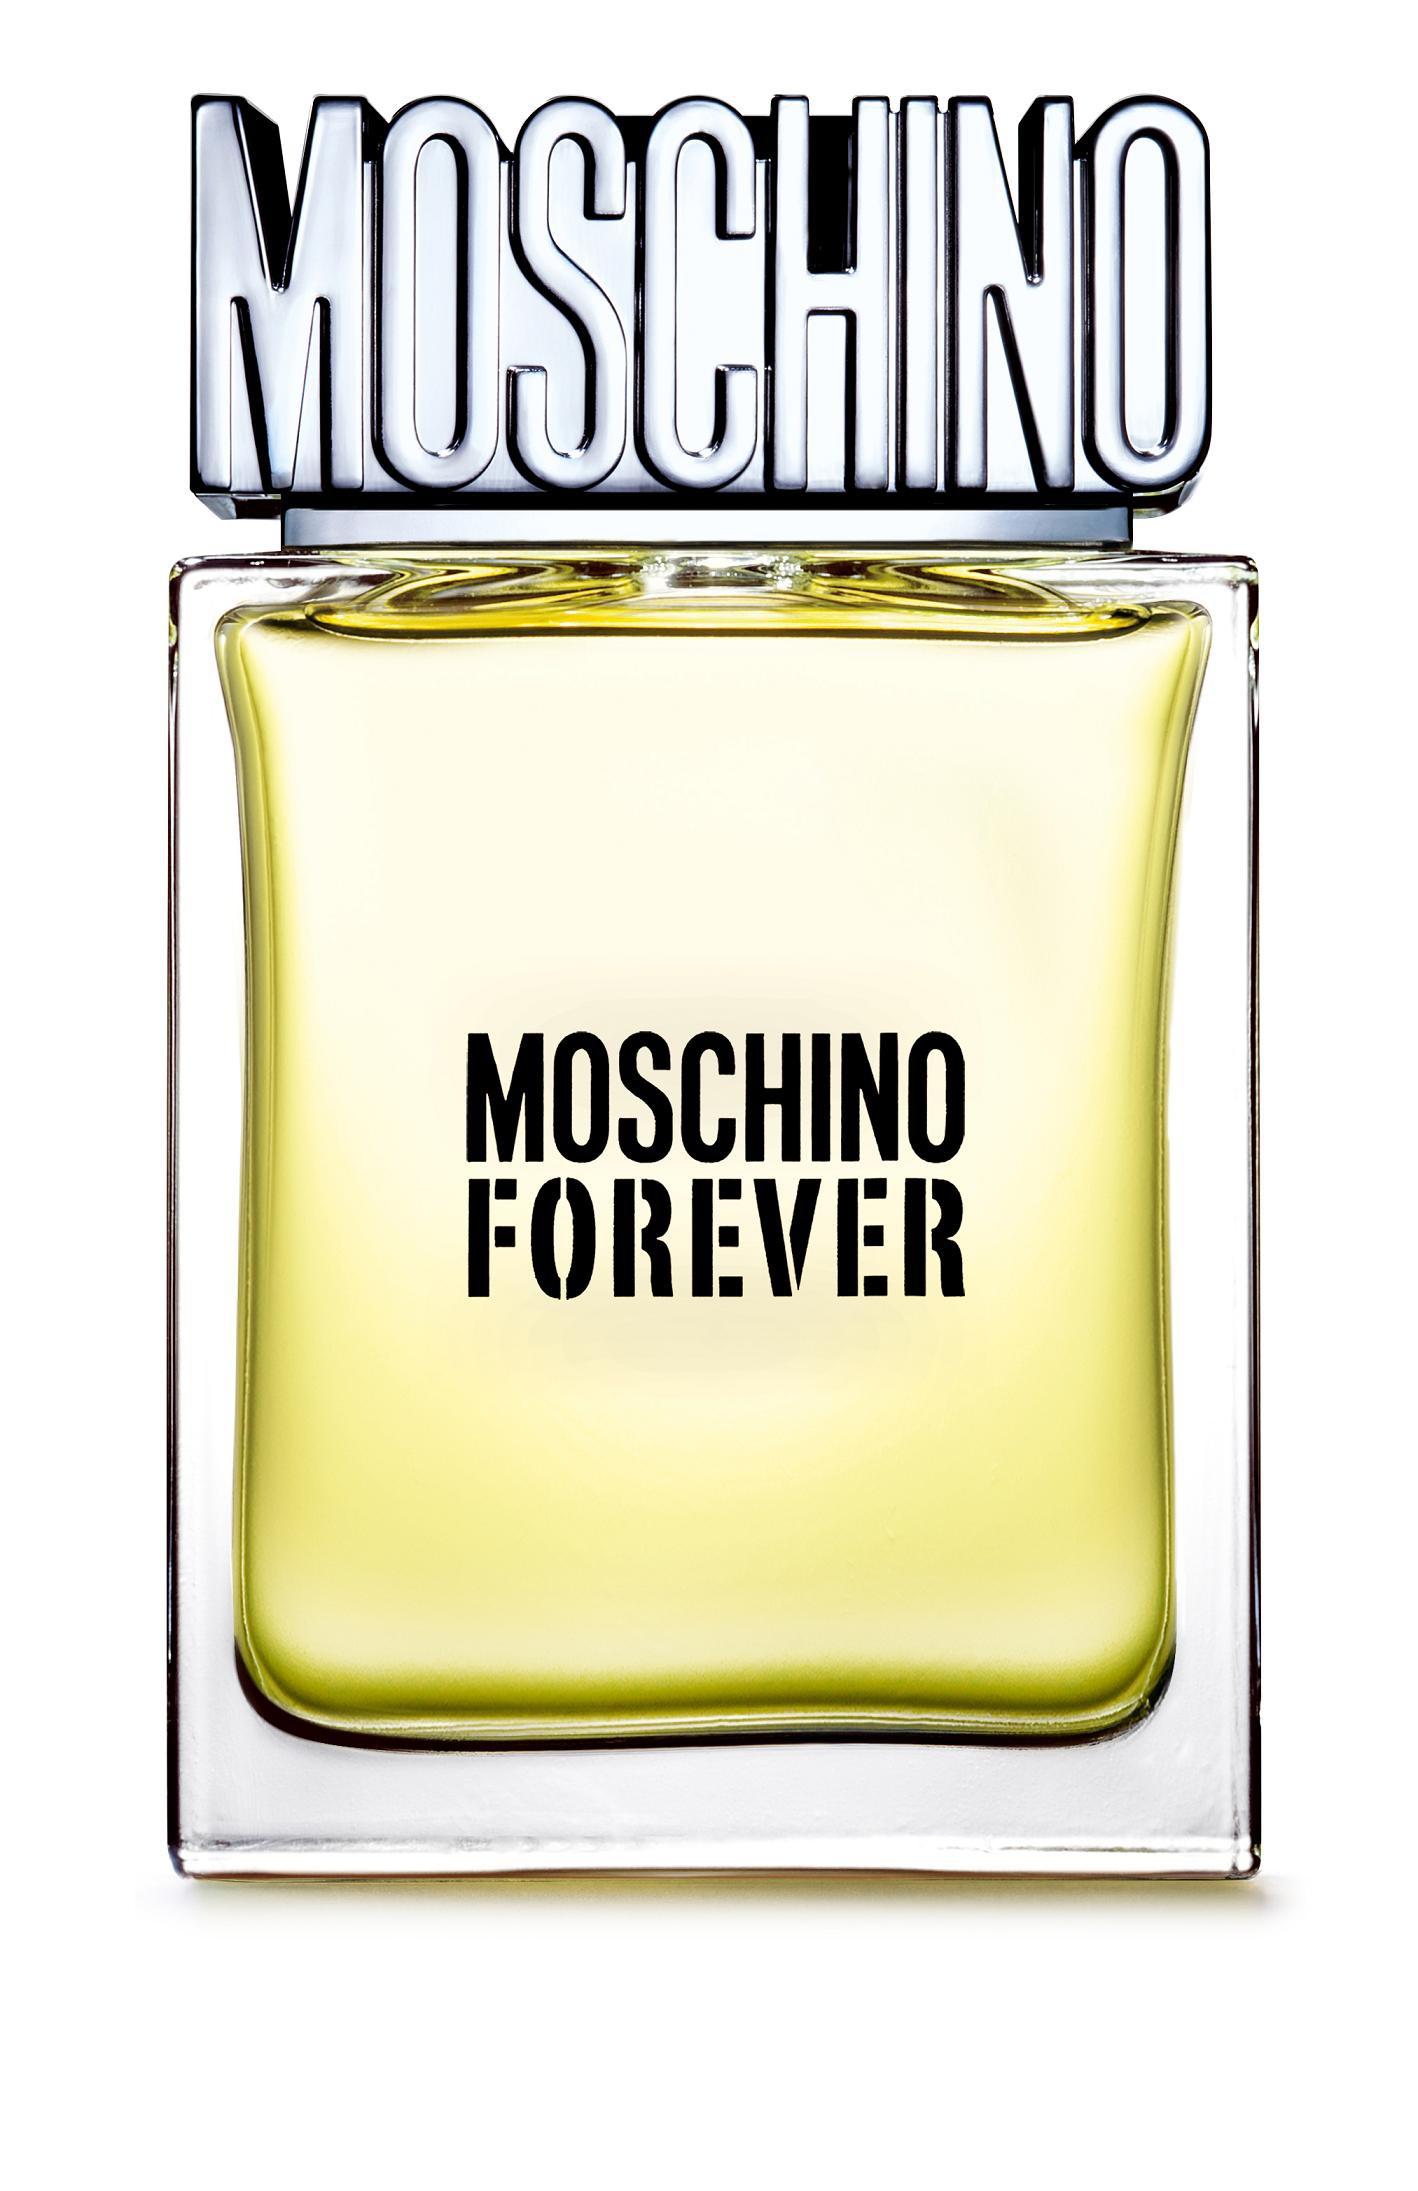 Moschino Forever аромат для мужчин